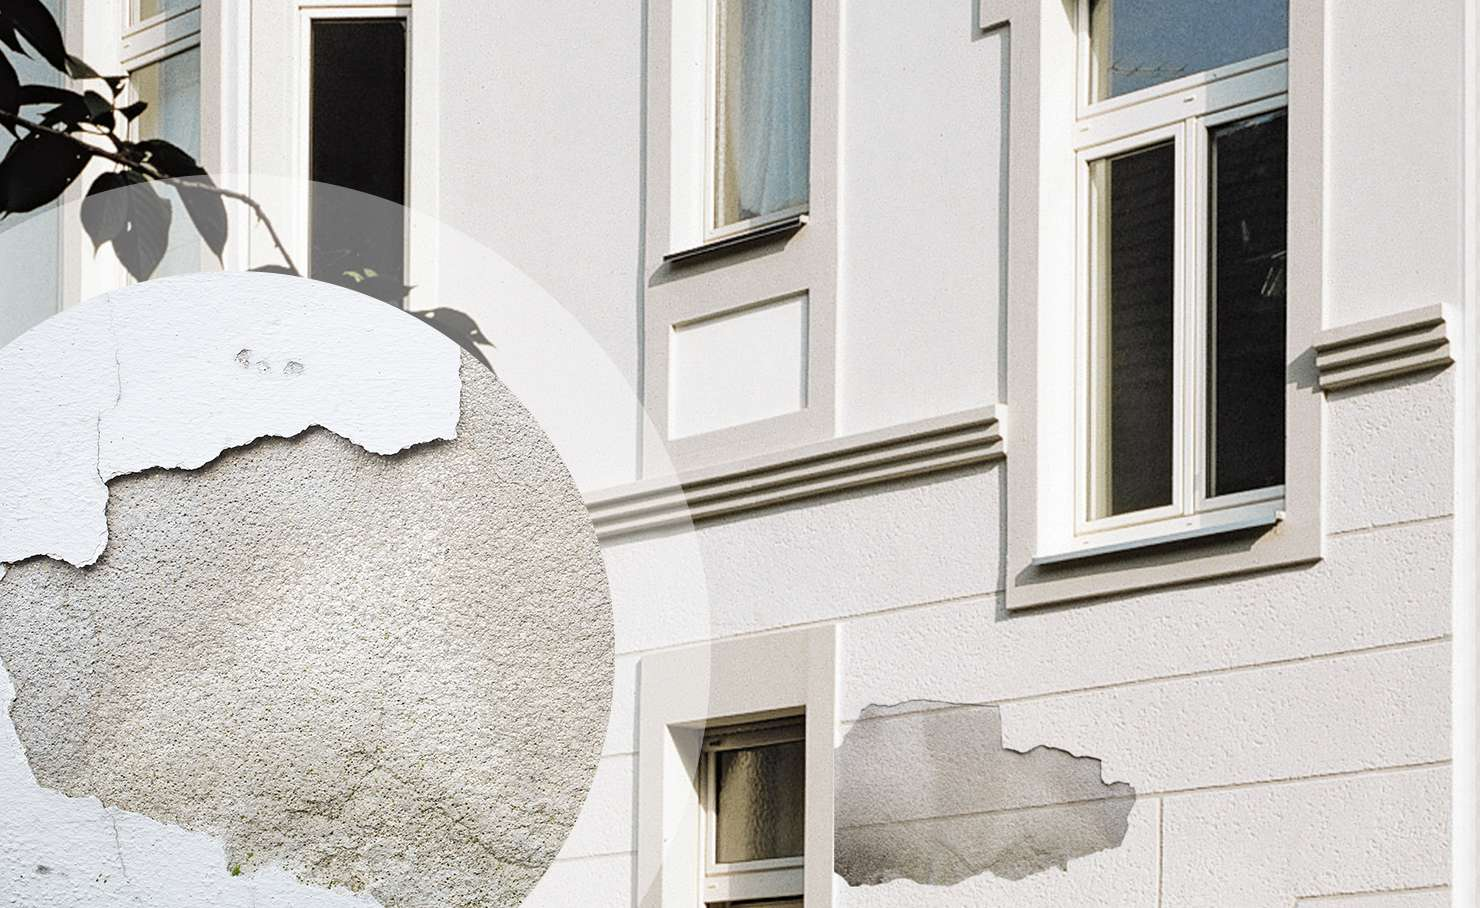 Fassadenfarbe Grautöne passende farben fürs streichen im außenbereich: alpina fassadenfarben